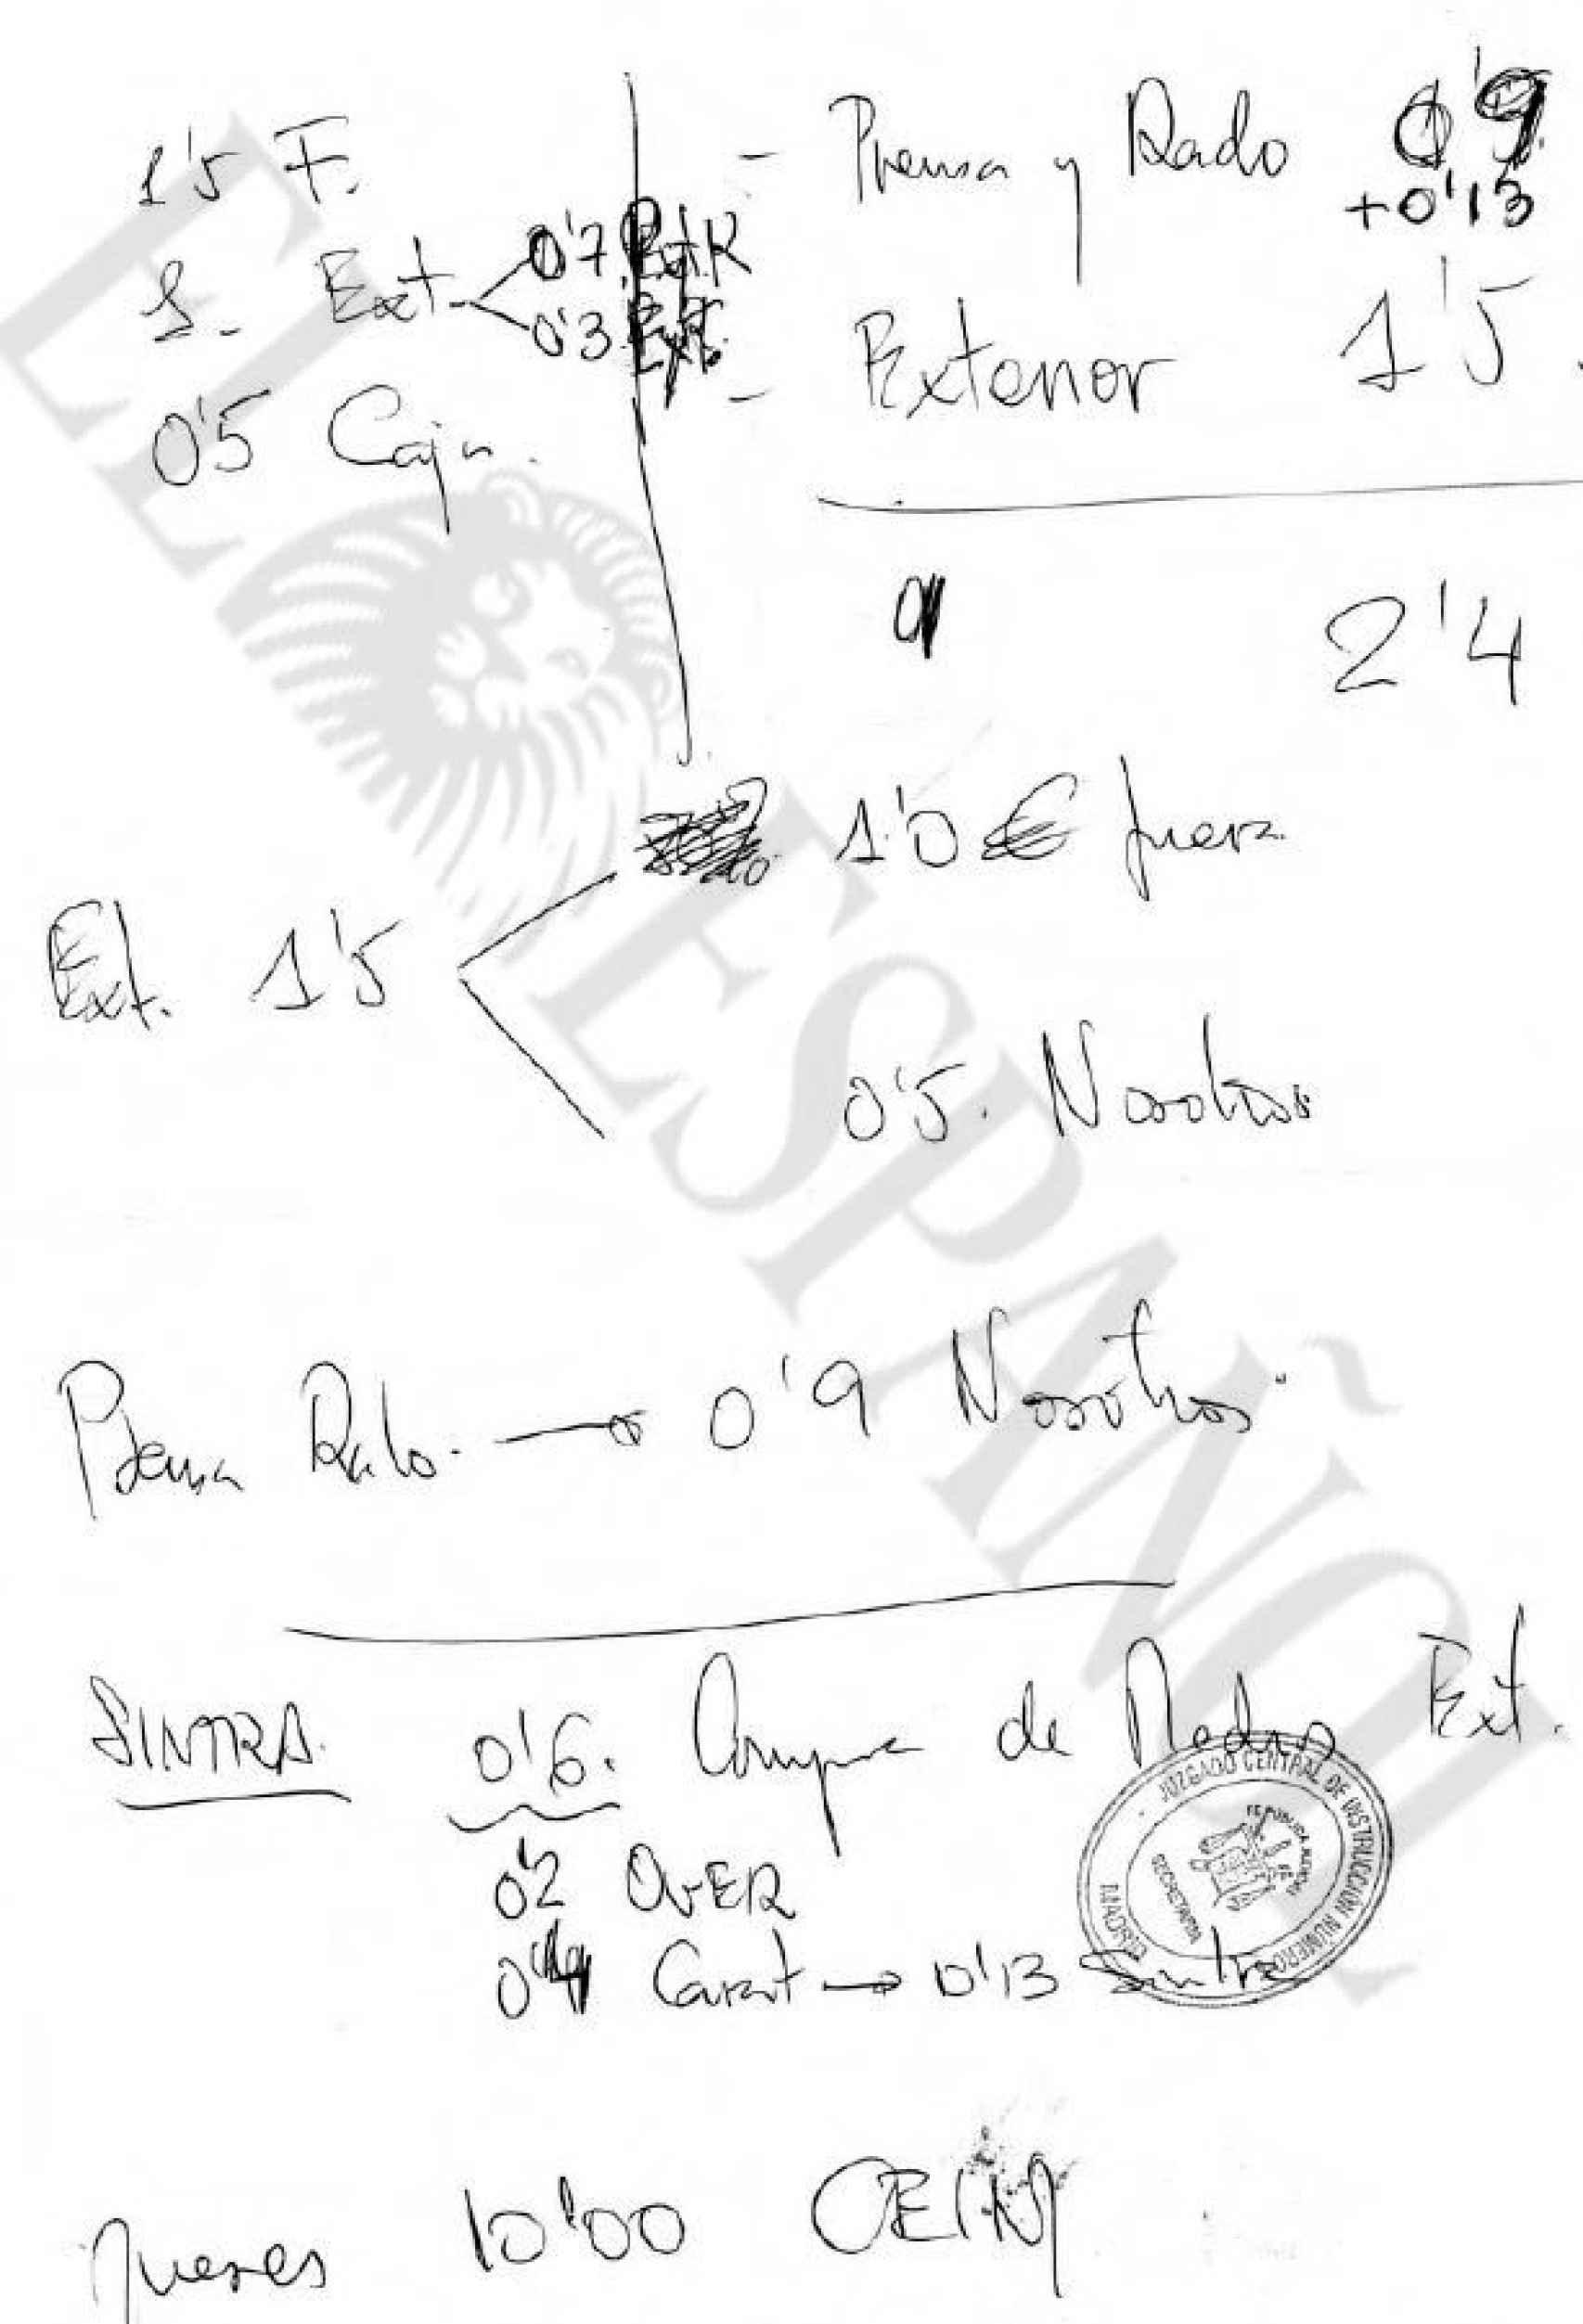 Documentación incautada en el domicilio de Beltrán Gutiérrez.